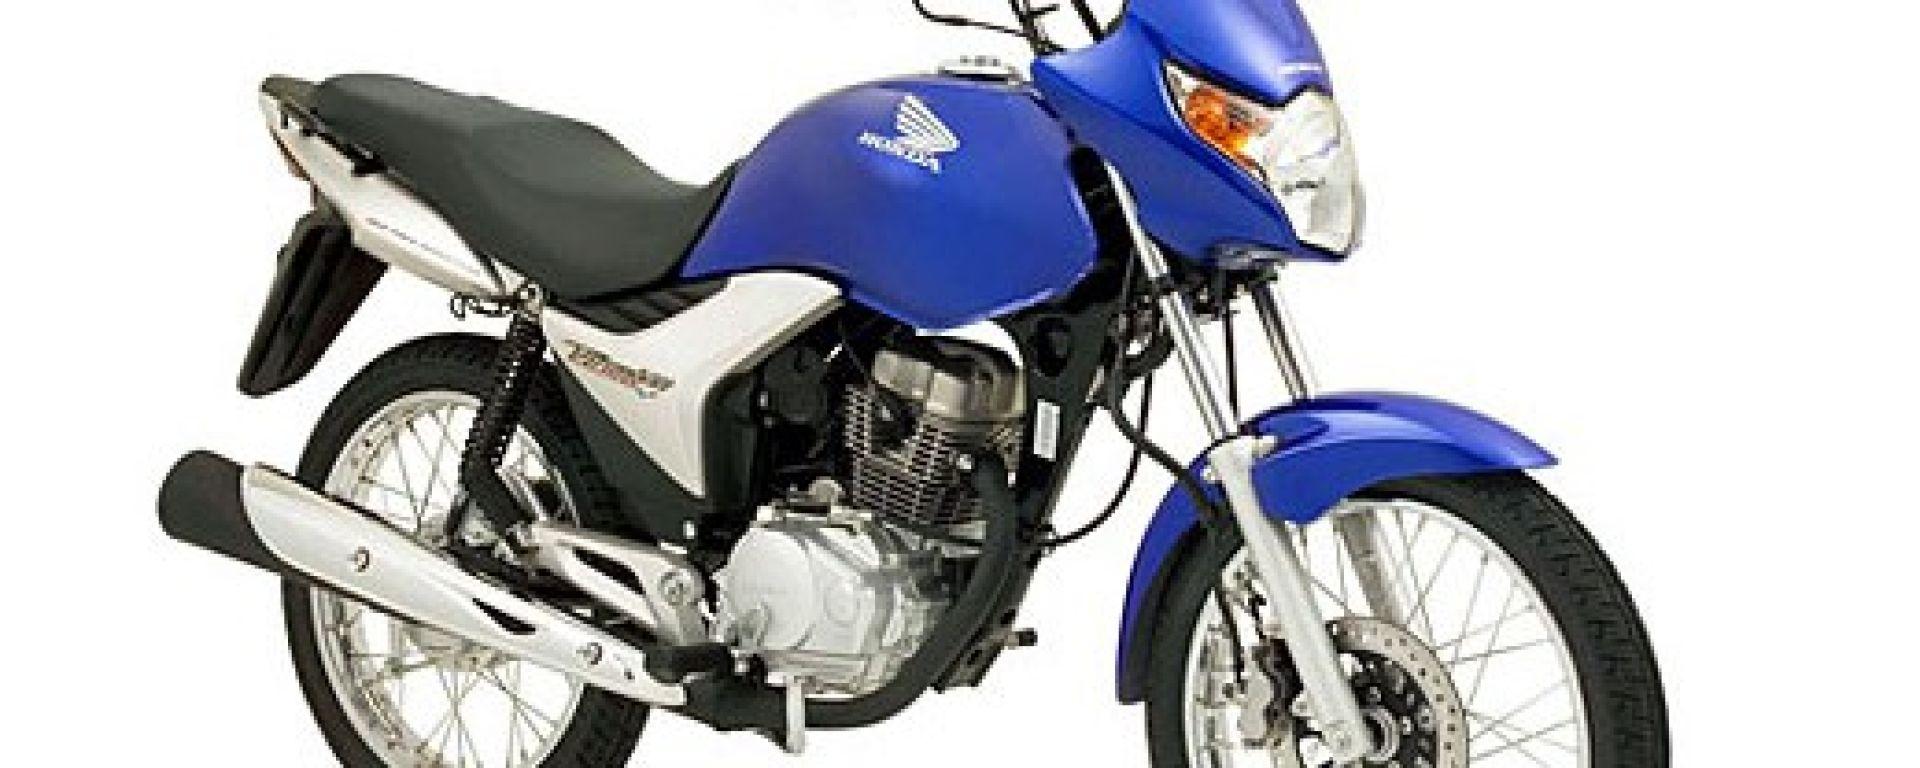 Honda CG 150 Titan Mix